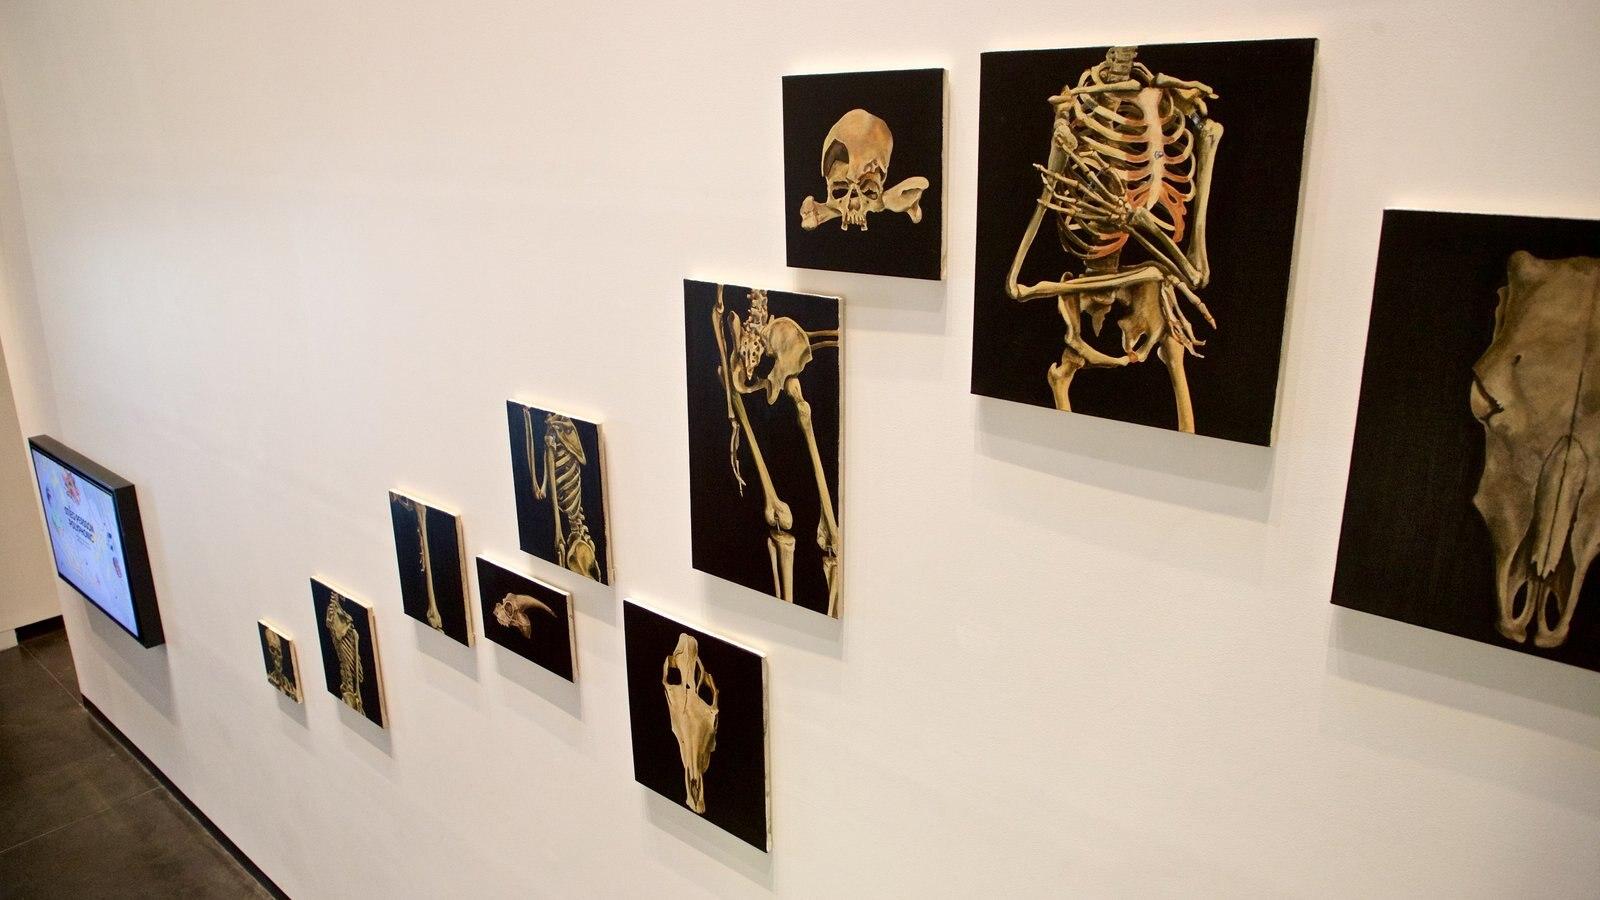 Museo de arte Ian Potter mostrando arte y vistas interiores